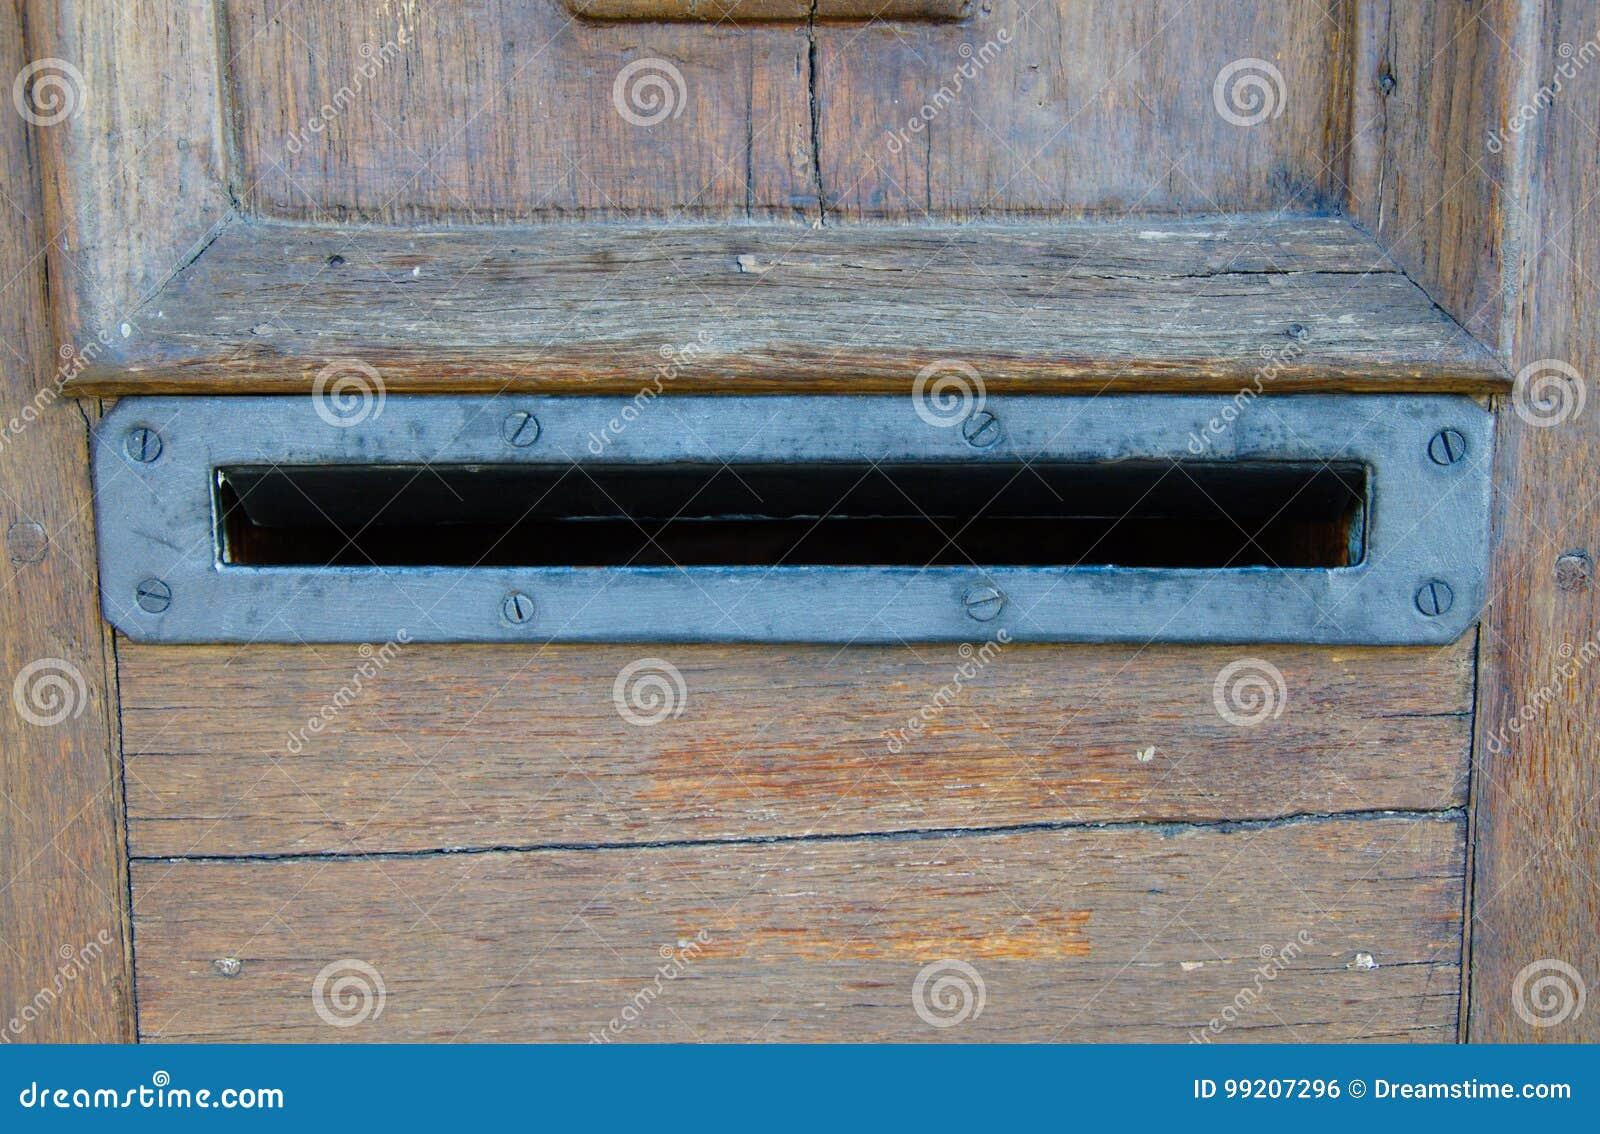 Altes rostiges Metall öffnete Briefkasten in den Holztüren ohne Buchstaben nach innen